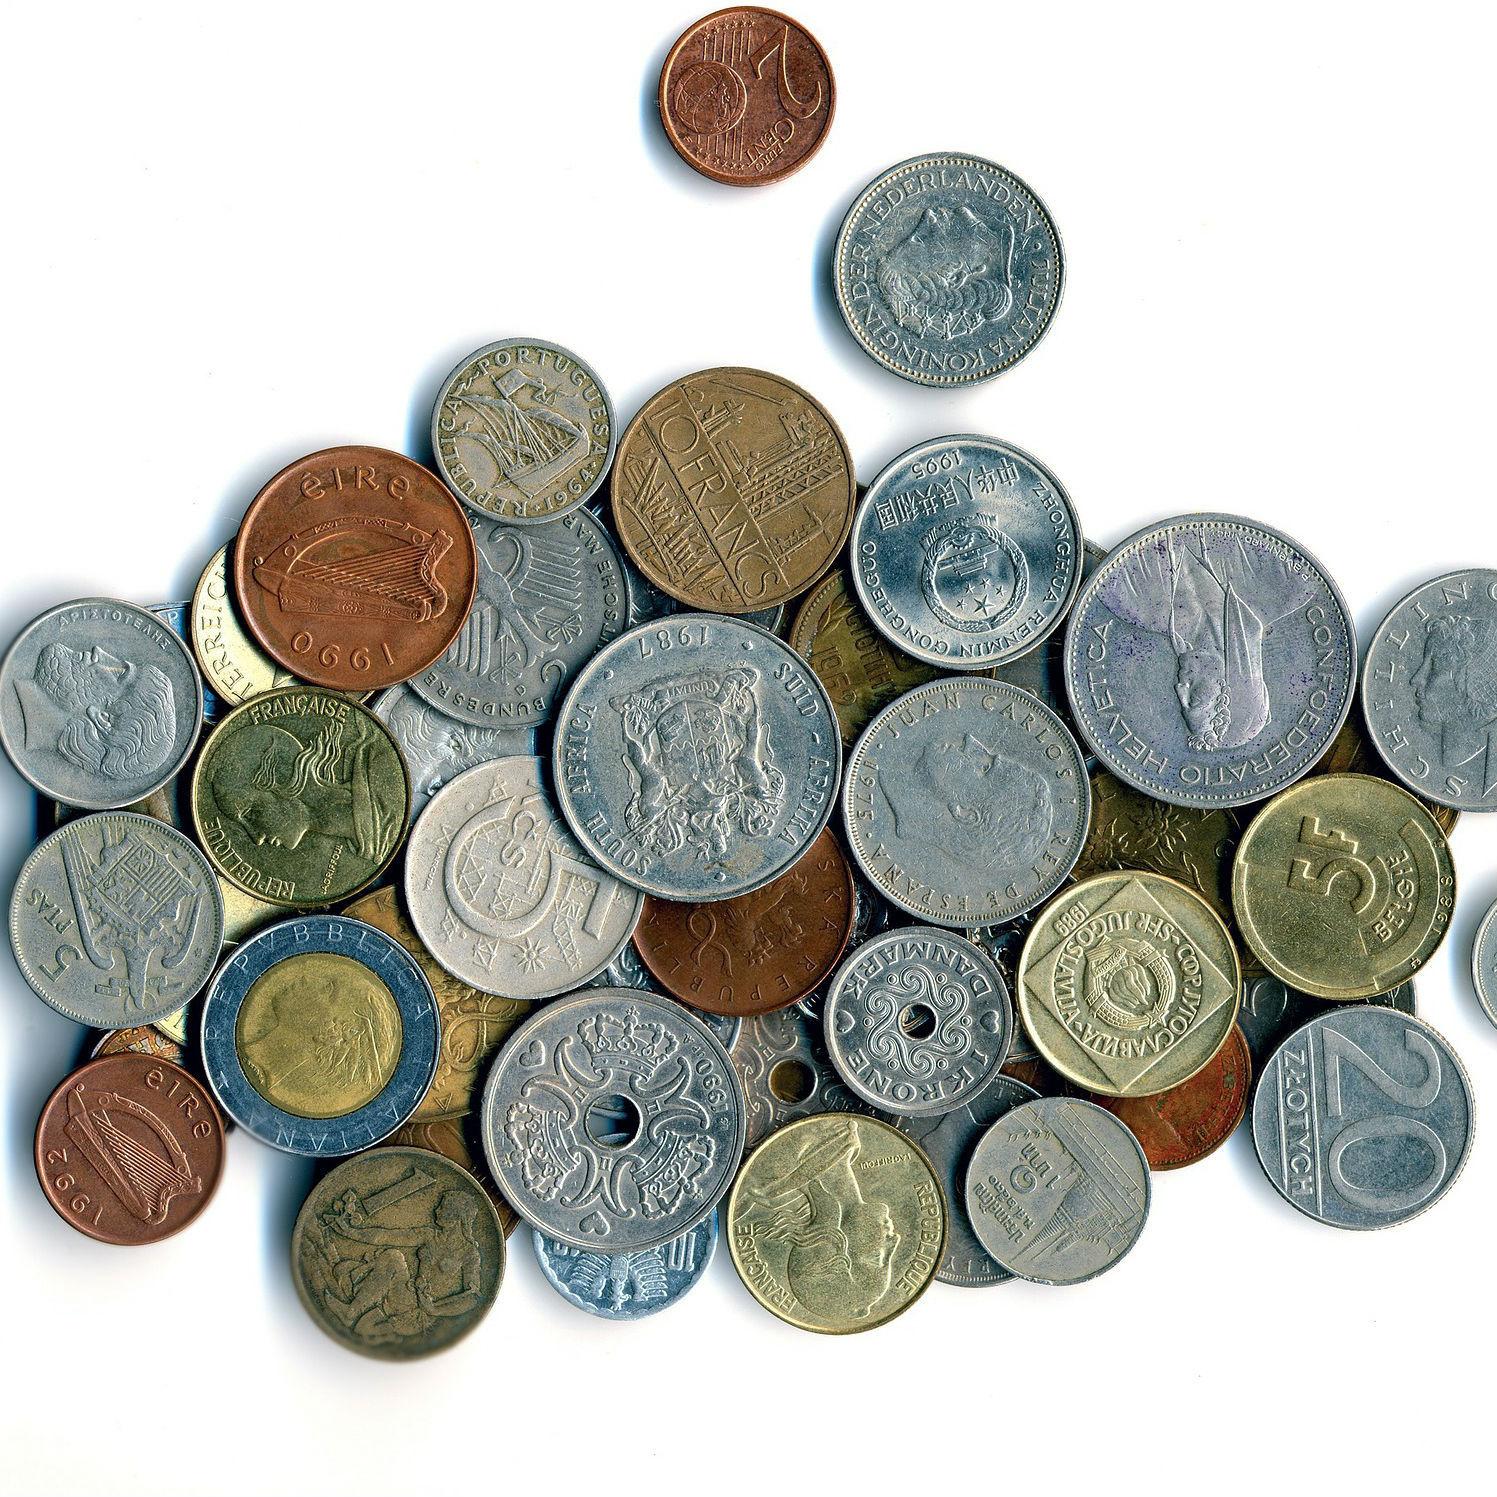 あるか無いかと問われれば、無い――。作家・柳美里が考える、お金との付き合い方